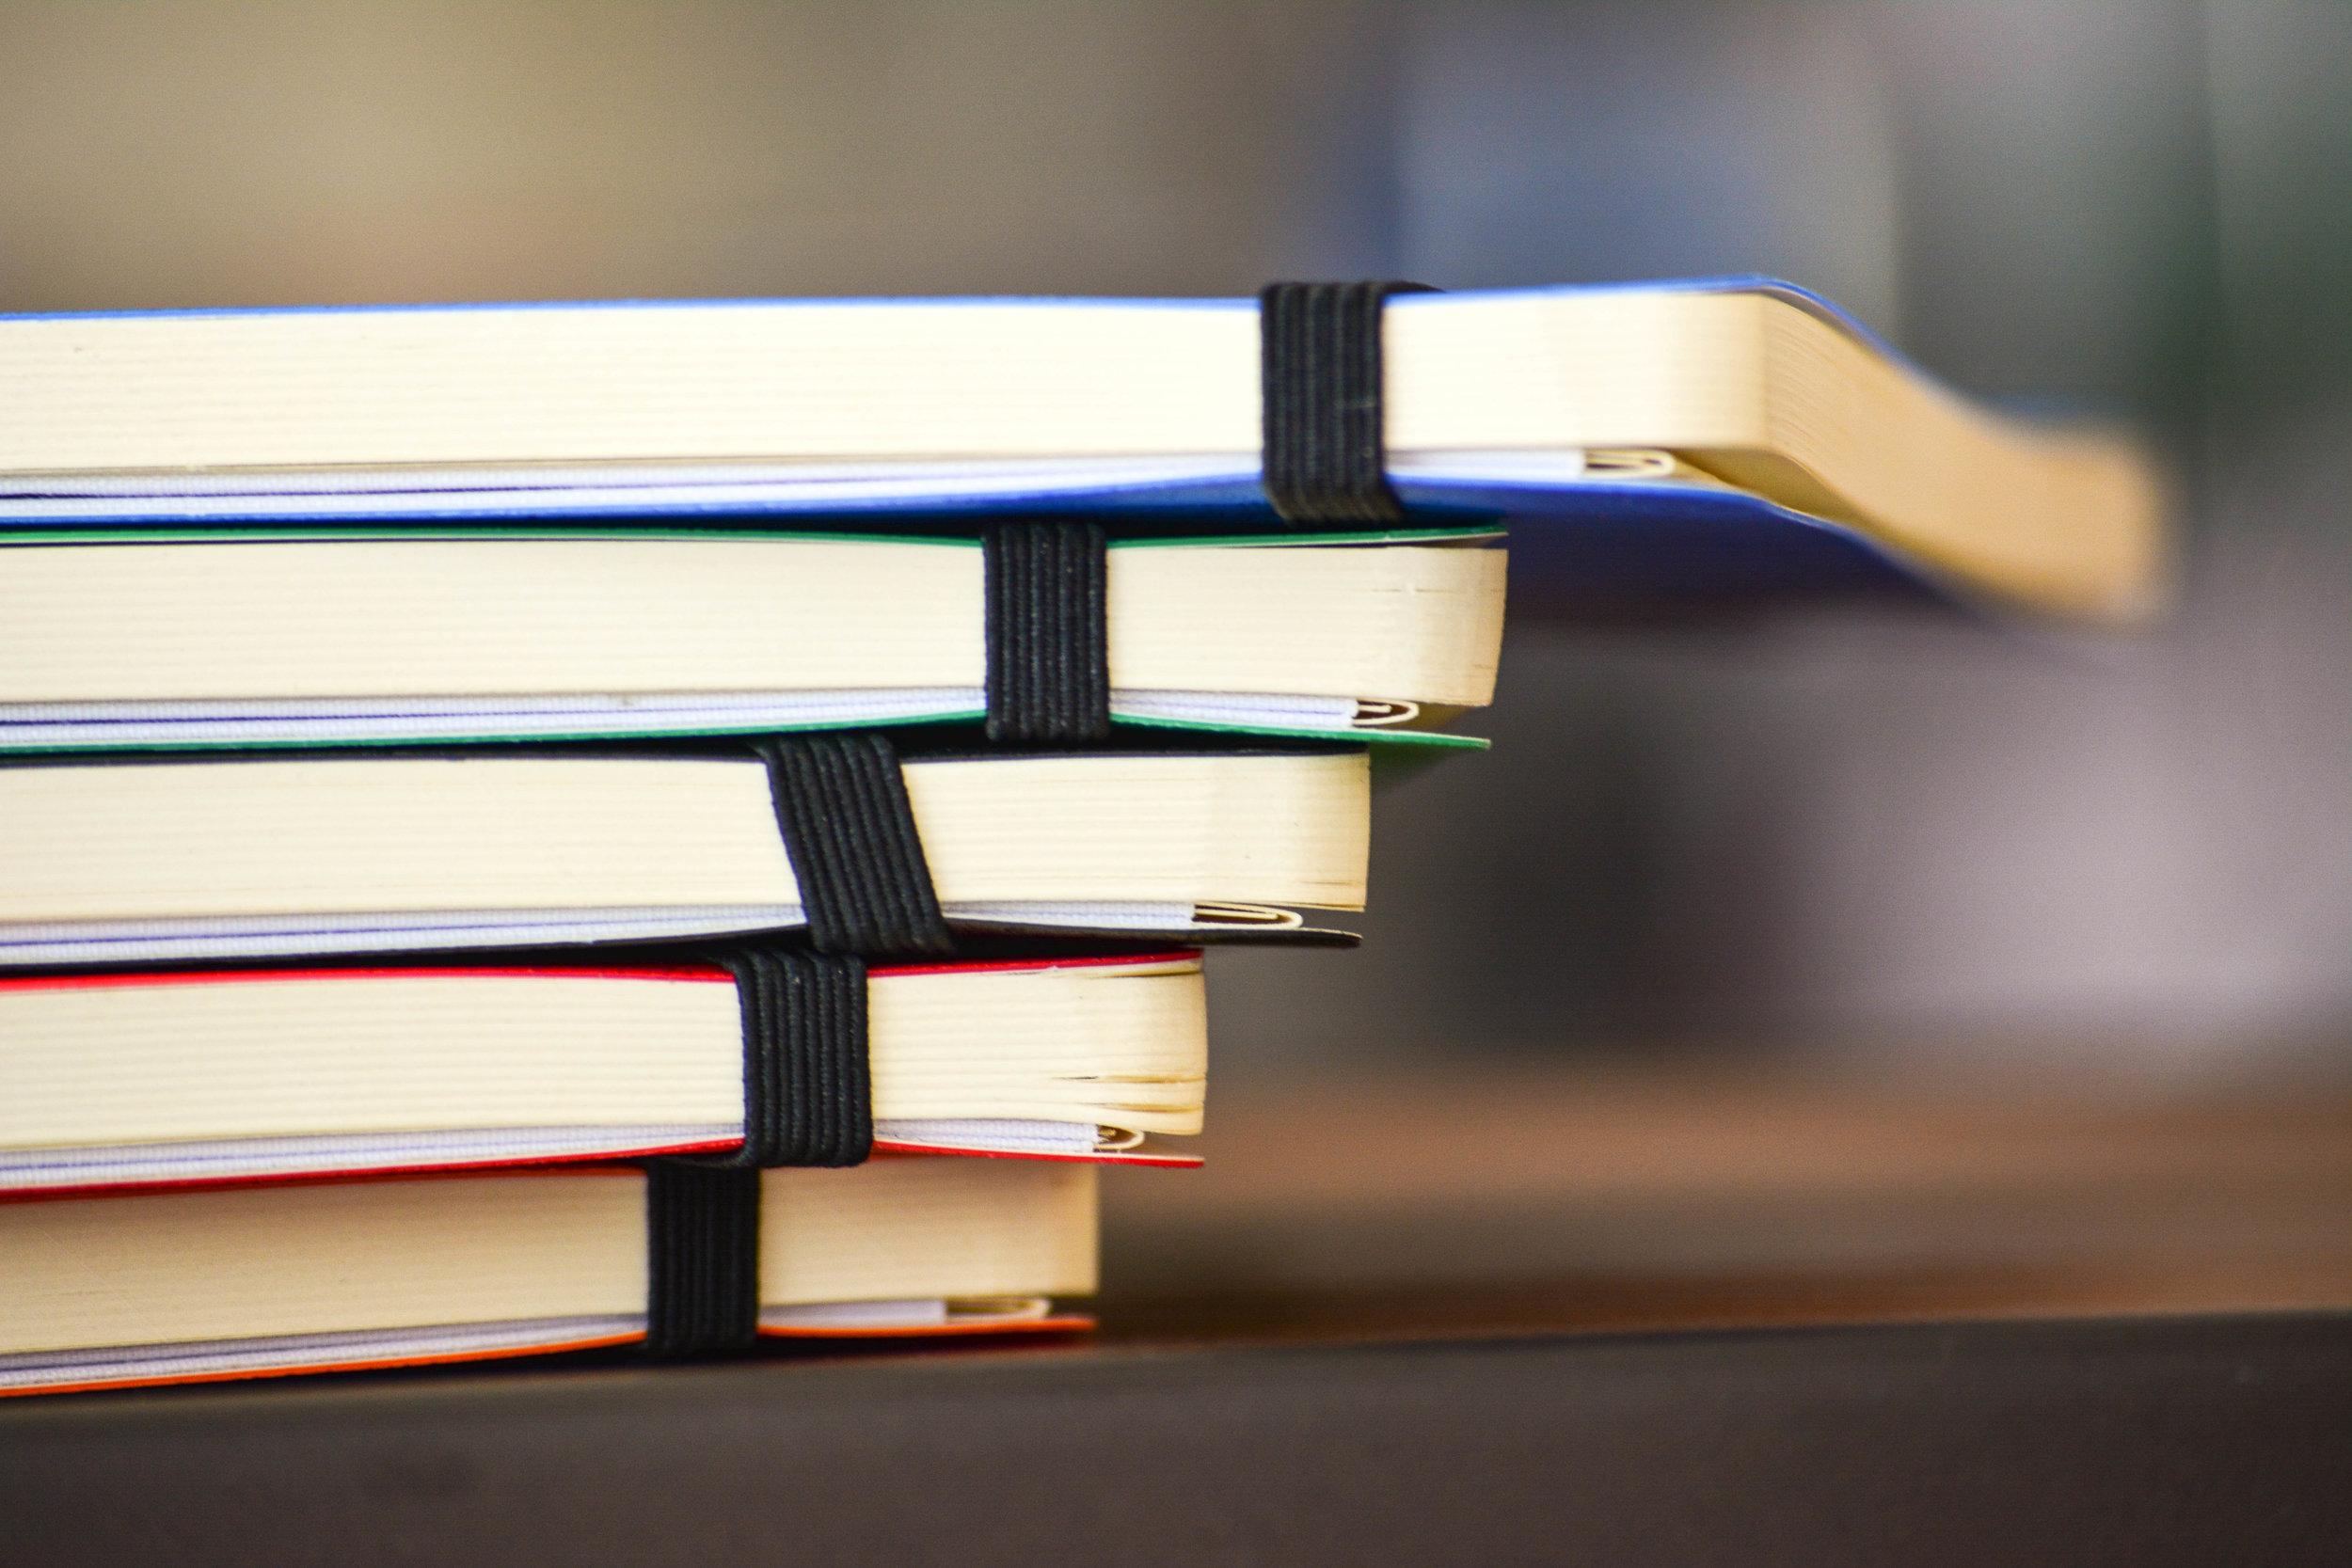 Skolutveckling - Kompetensutveckling och organisationsstöd - alltid med fokus på barns och elevers lärande.